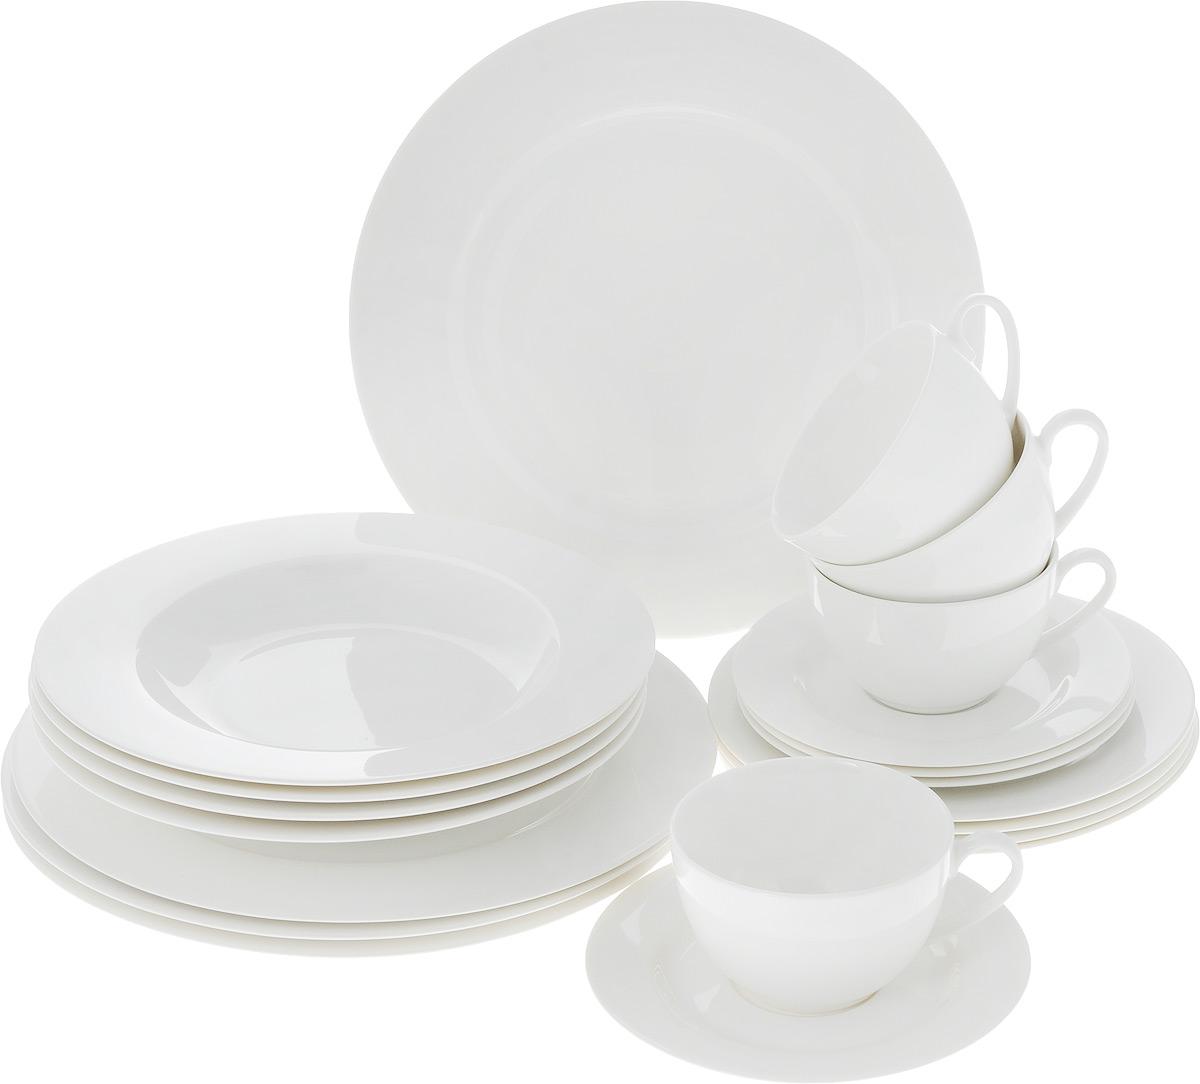 Набор столовой посуды Классика, 20 предметов. WO-010115510Набор столовой посуды Классика состоит из 4 обеденных тарелок, 4 суповых тарелок, 4 десертных тарелок, 4 блюдец и 4 чашек. Изделия выполнены из фарфора белоснежного цвета. Посуда отличается прочностью, гигиеничностью и долгим сроком службы, она устойчива к появлению царапин. Такой набор прекрасно подойдет как для повседневного использования, так и для праздников или особенных случаев. Такой набор столовой посуды - это не только яркий и полезный подарок для родных и близких, а также великолепное дизайнерское решение для вашей кухни или столовой. Можно использовать в микроволновой печи и мыть в посудомоечной машине. Диаметр суповой тарелки: 23 см. Высота суповой тарелки: 3 см.Диаметр обеденной тарелки: 27 см. Диаметр десертной тарелки: 19 см. Диаметр блюдца: 15,5 см. Объем чашки: 250 мл.Диаметр чашки (по верхнему краю): 9,5 см.Высота чашки: 6 см.